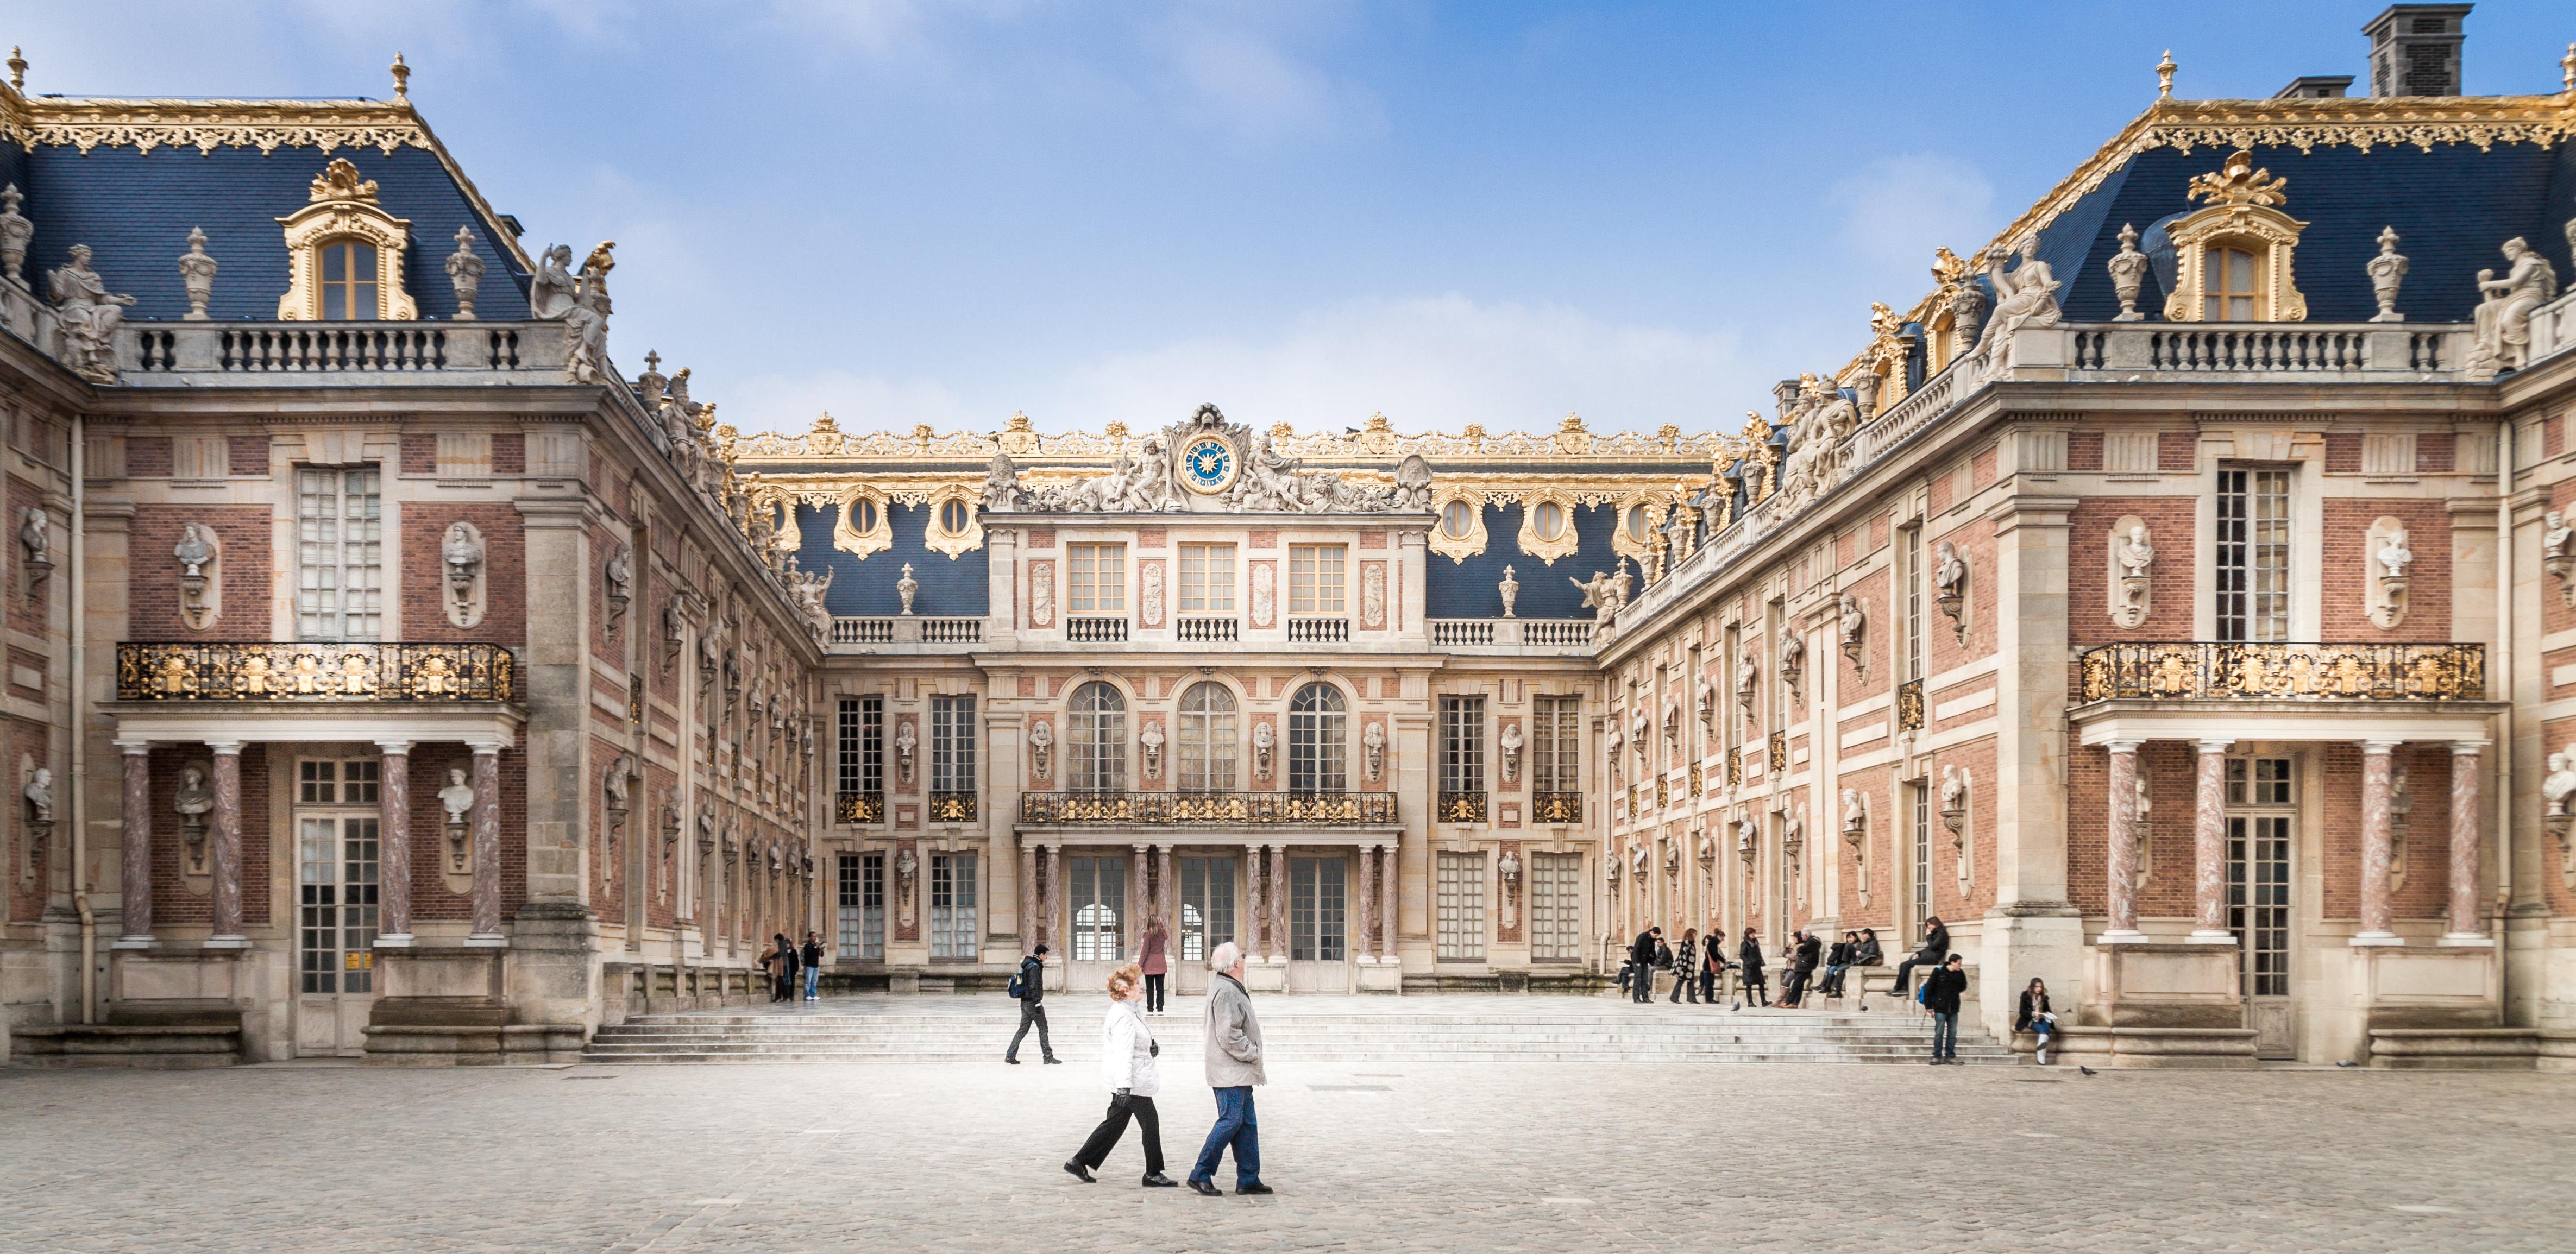 Palais de versailles yvelines france 4742 2309 via r for Architecte des batiments de france versailles